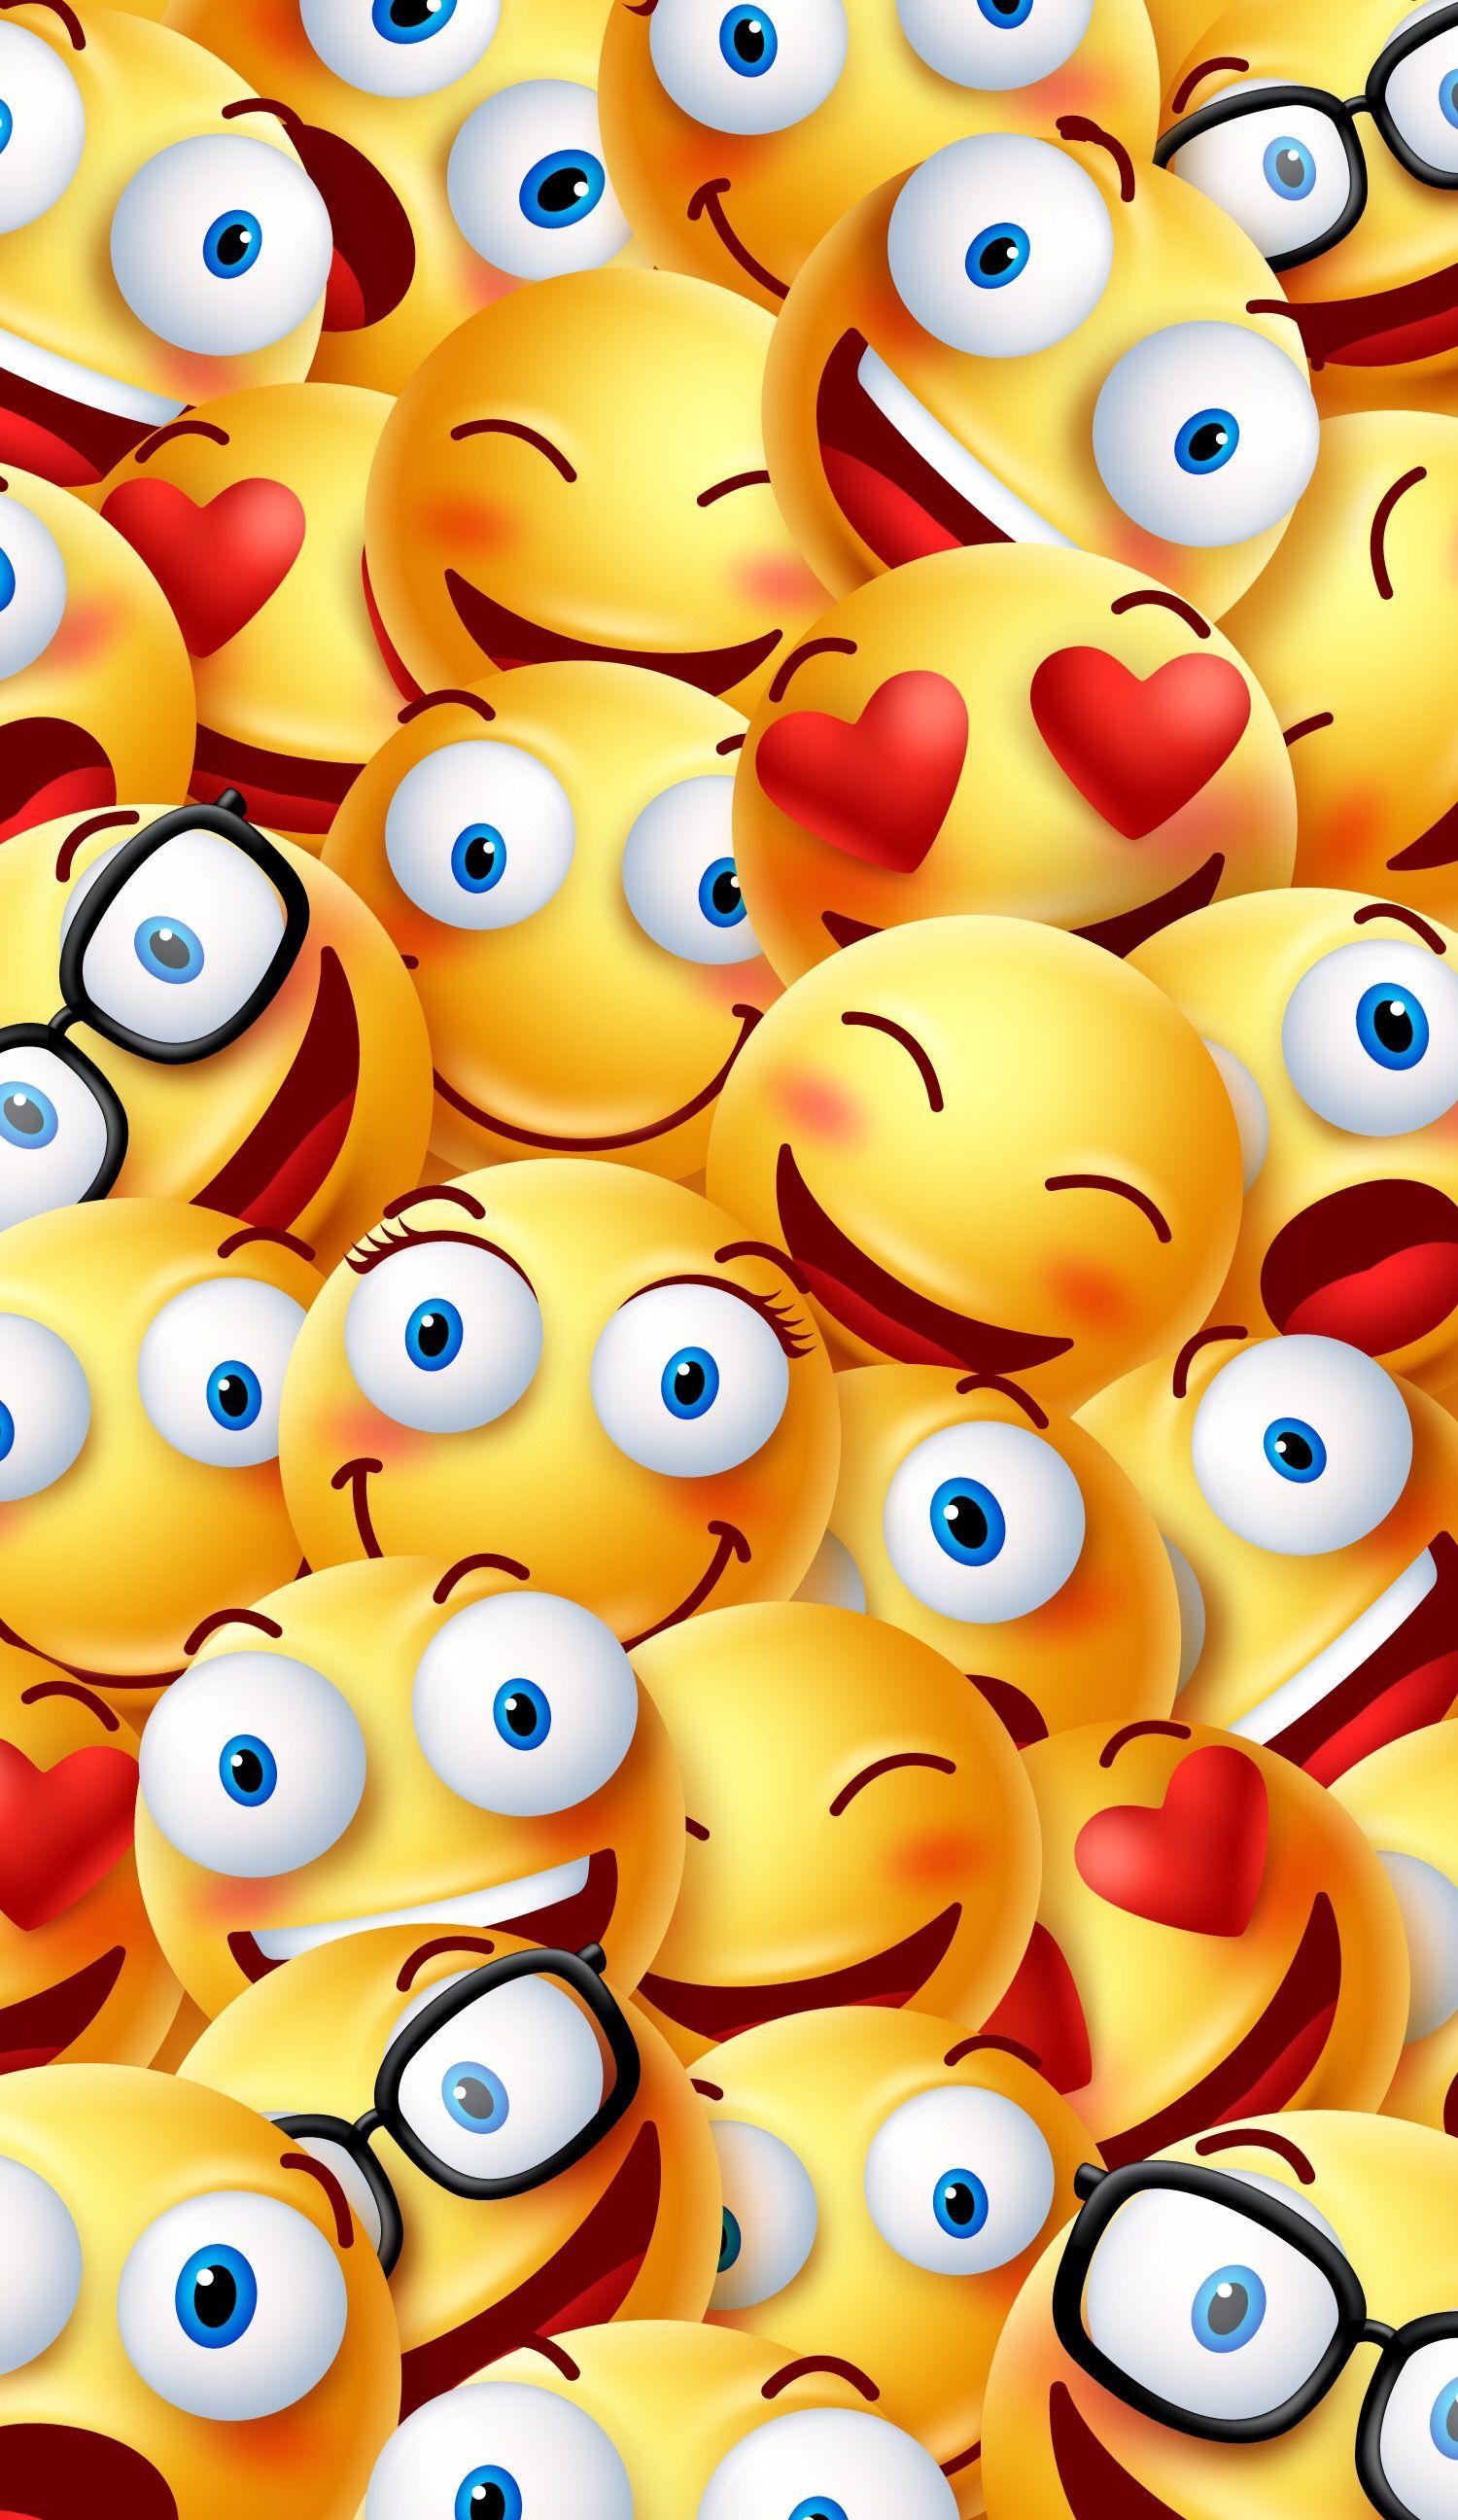 Los Amo F0 9f 98 83 F0 9f 98 8d F0 9f 98 97 Smile Wallpaper Funny Iphone Wallpaper Apple Wallpaper Iphone